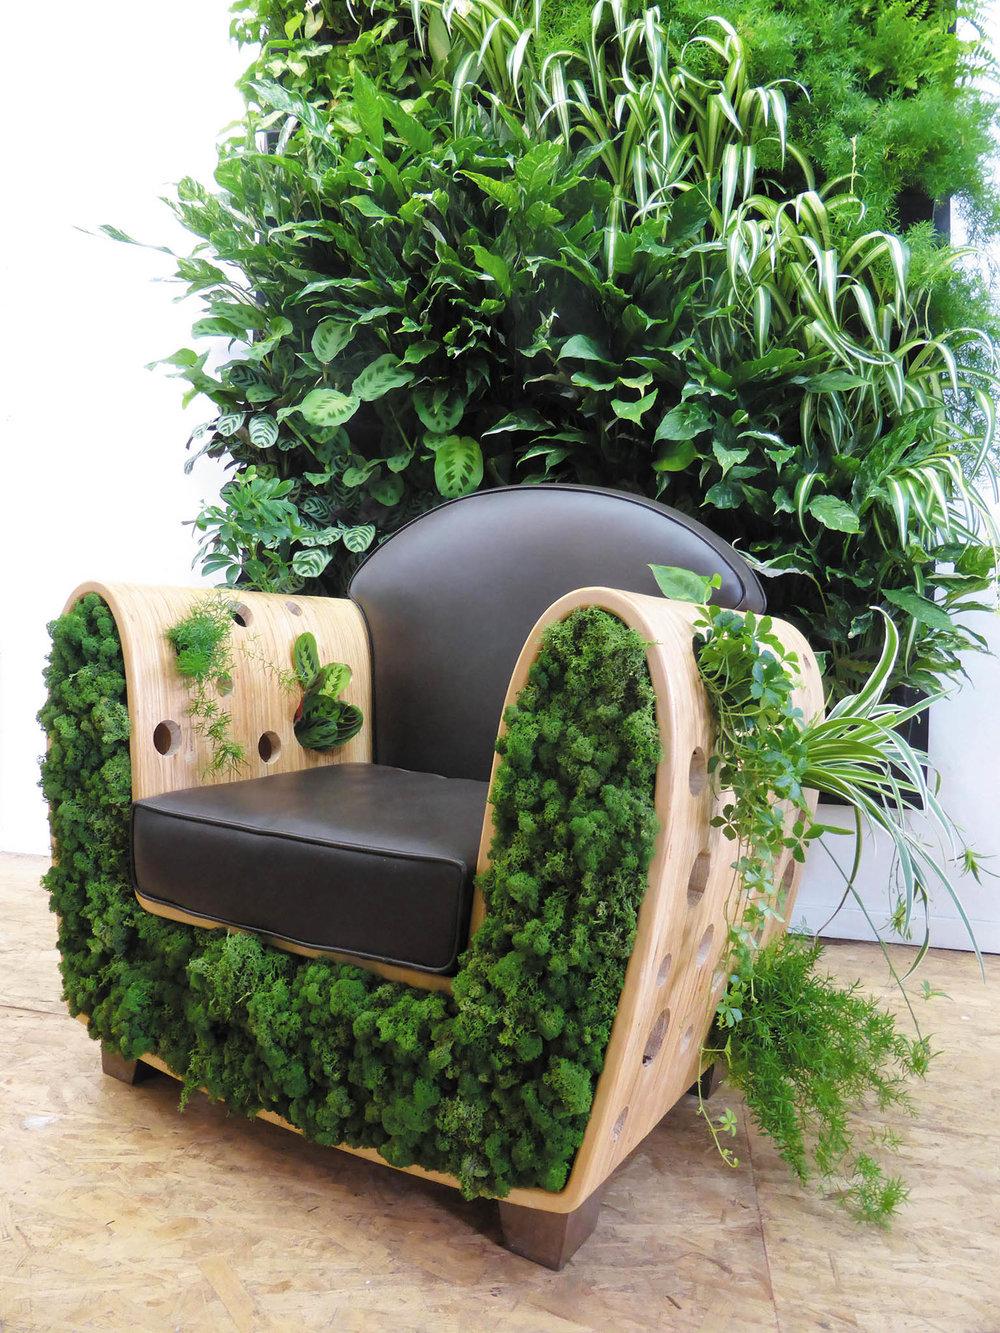 綠色植物裝飾沙發  bynaturedesign.ca